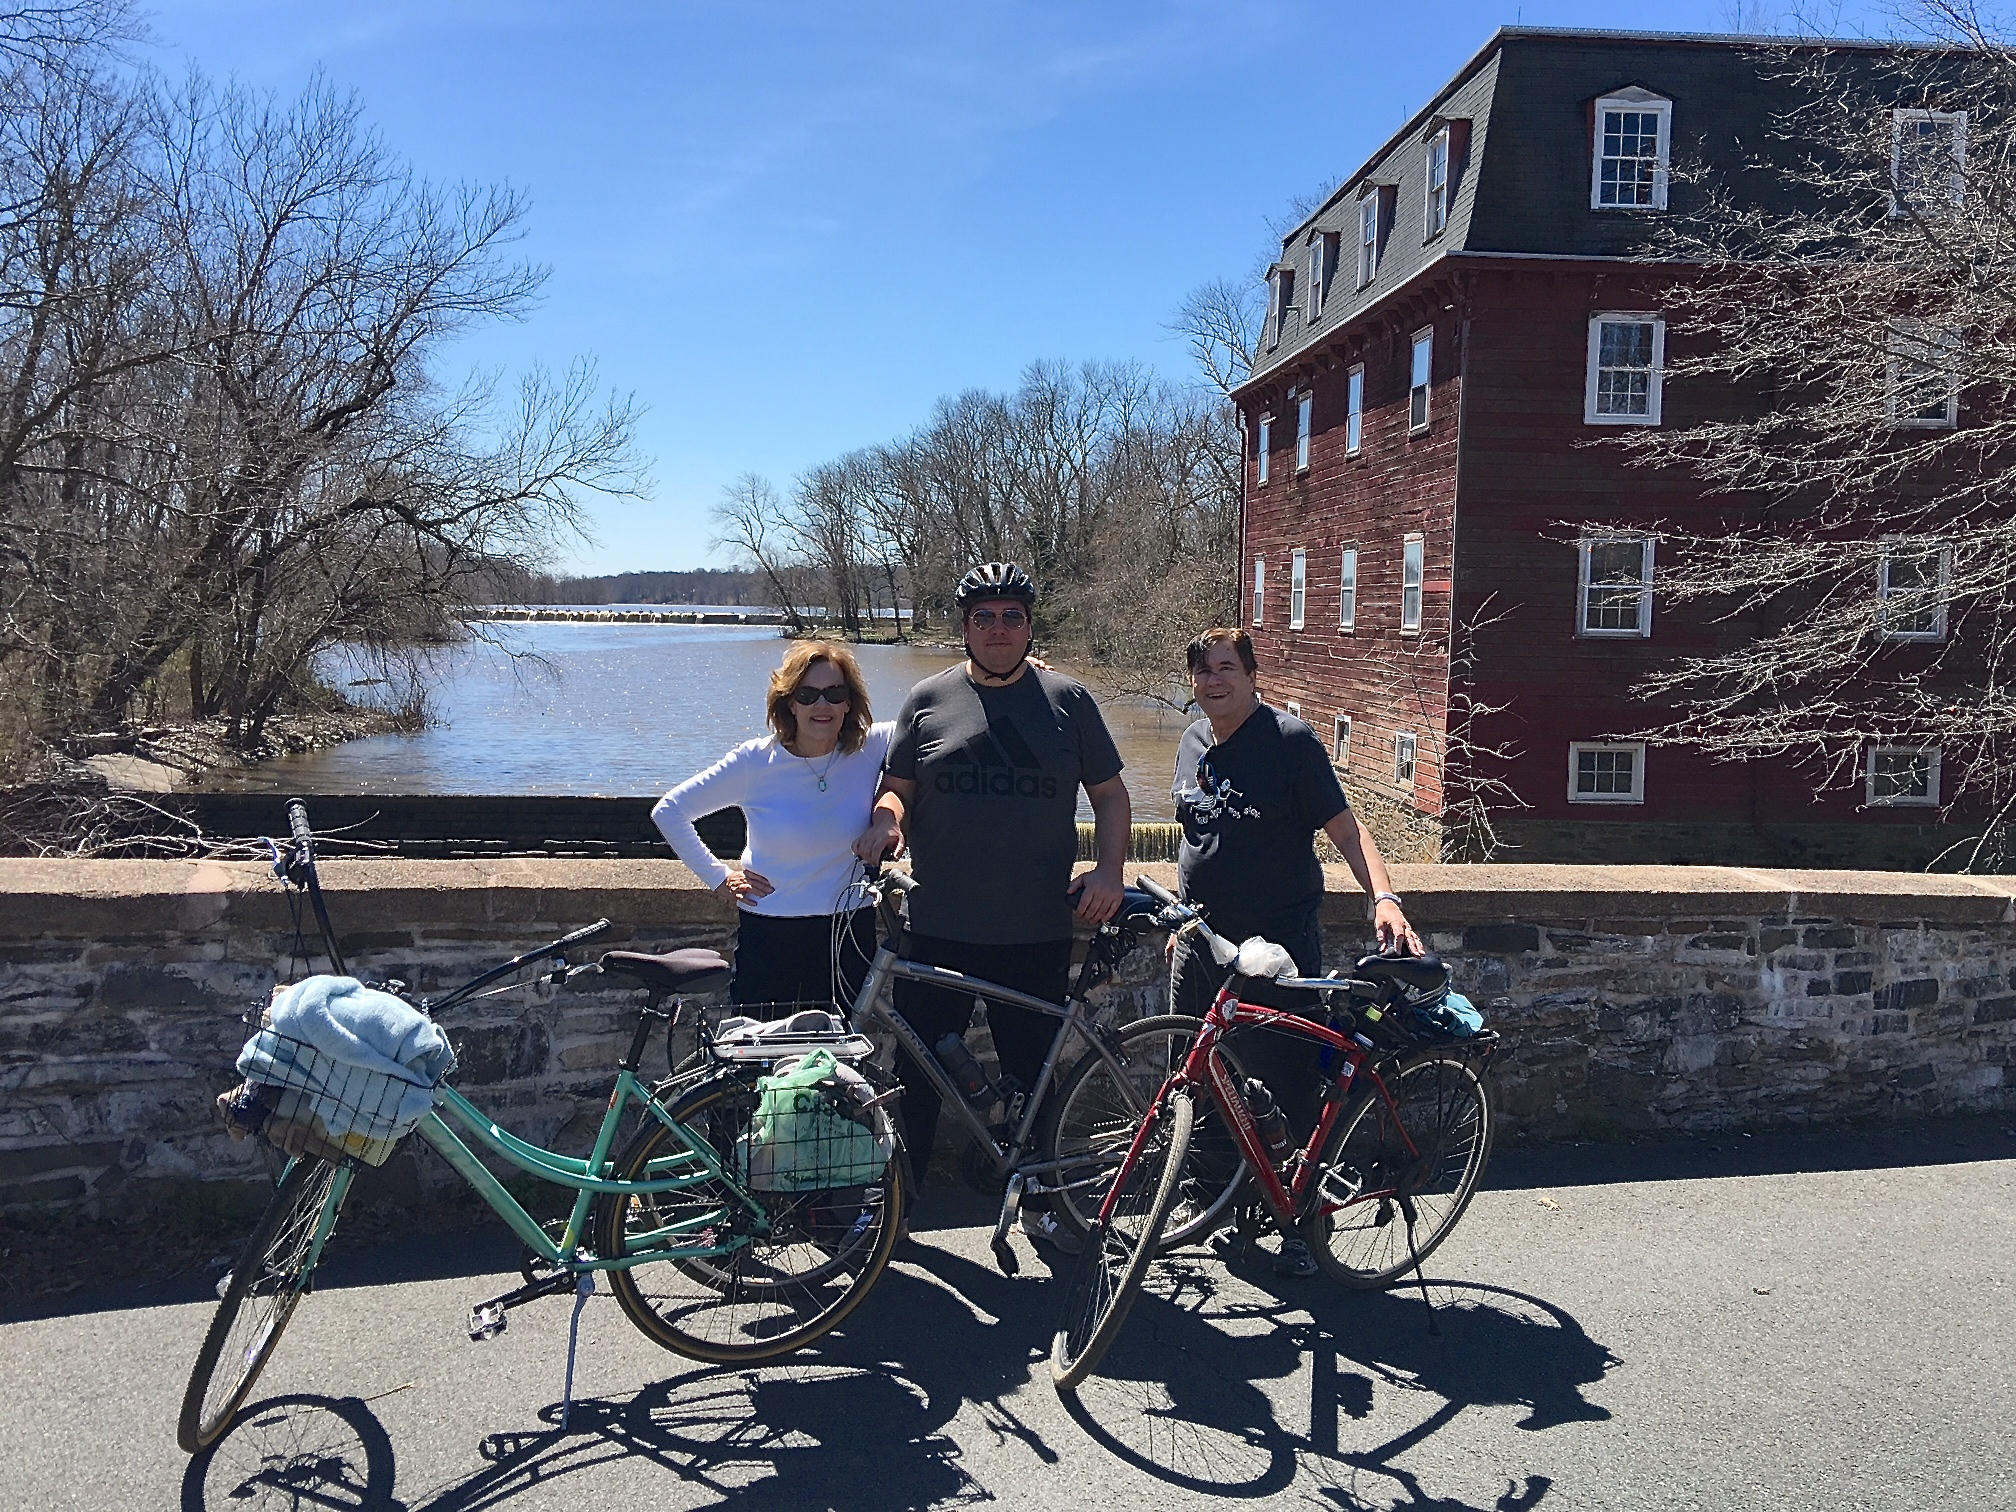 Lorraine, Greg & John biking, Carnegie Lake, Princeton NJ  spring, 2017